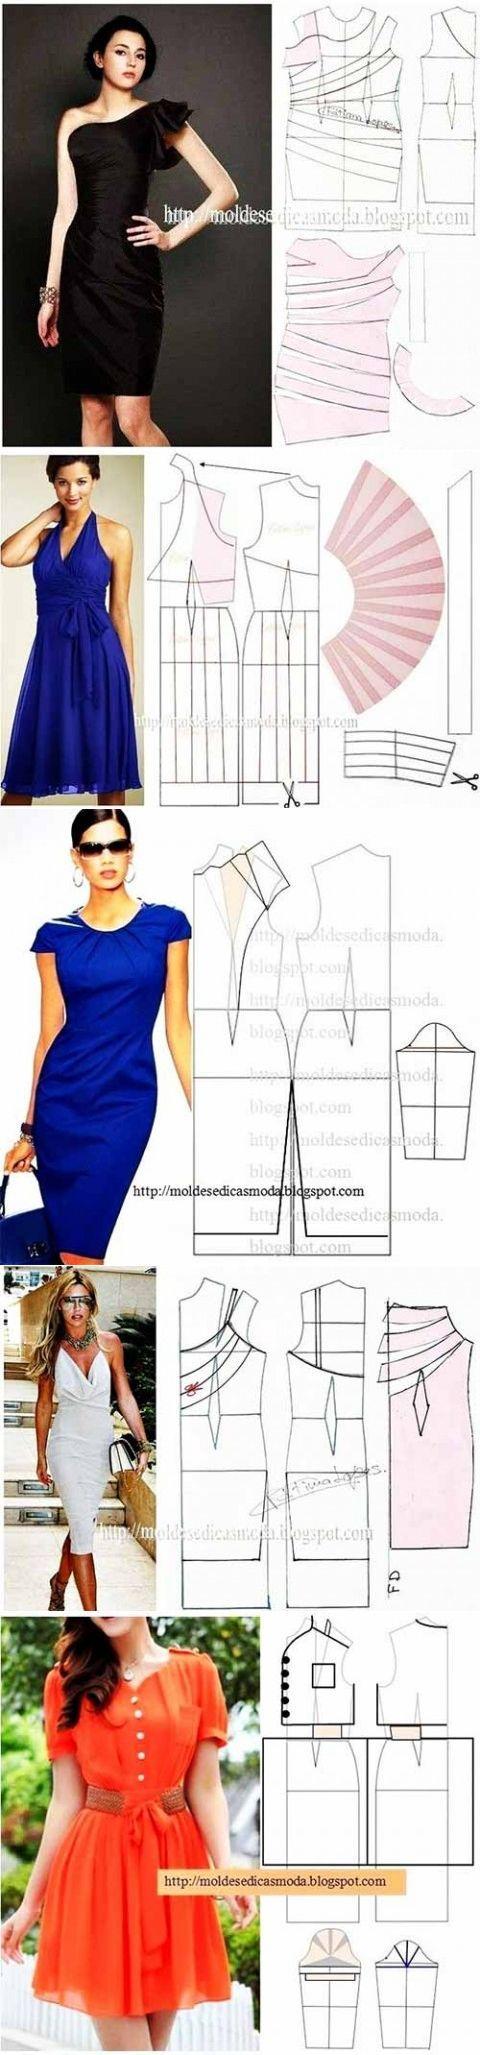 Рукоделие | corte | Costura, Coser ropa y Vestidos